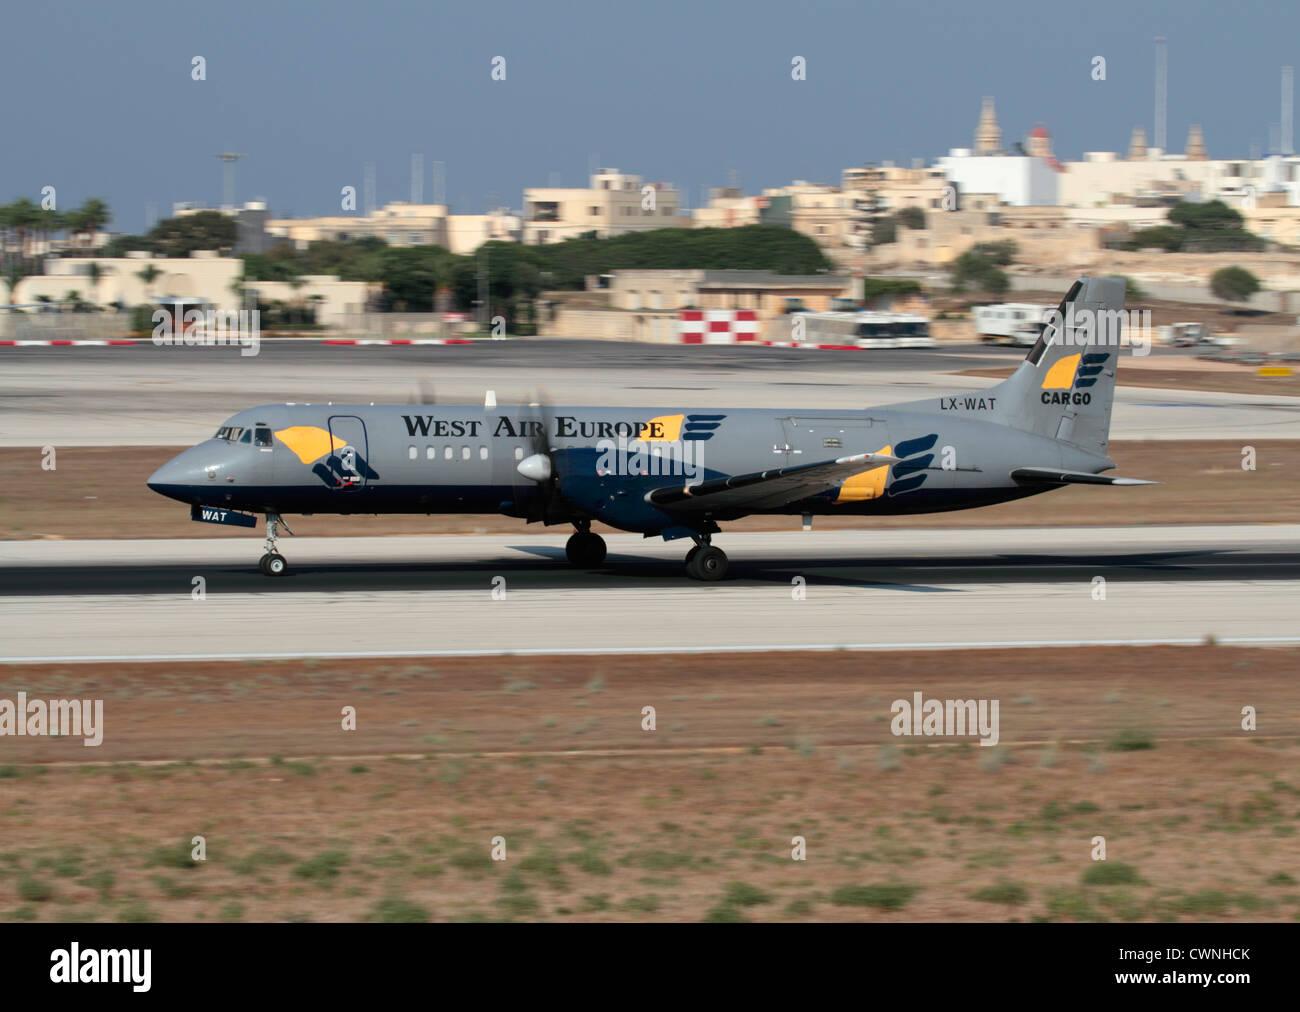 Commerciali di trasporto aereo di merci. British Aerospace ATP piano di carico azionato da West Air Europa accelerando Immagini Stock